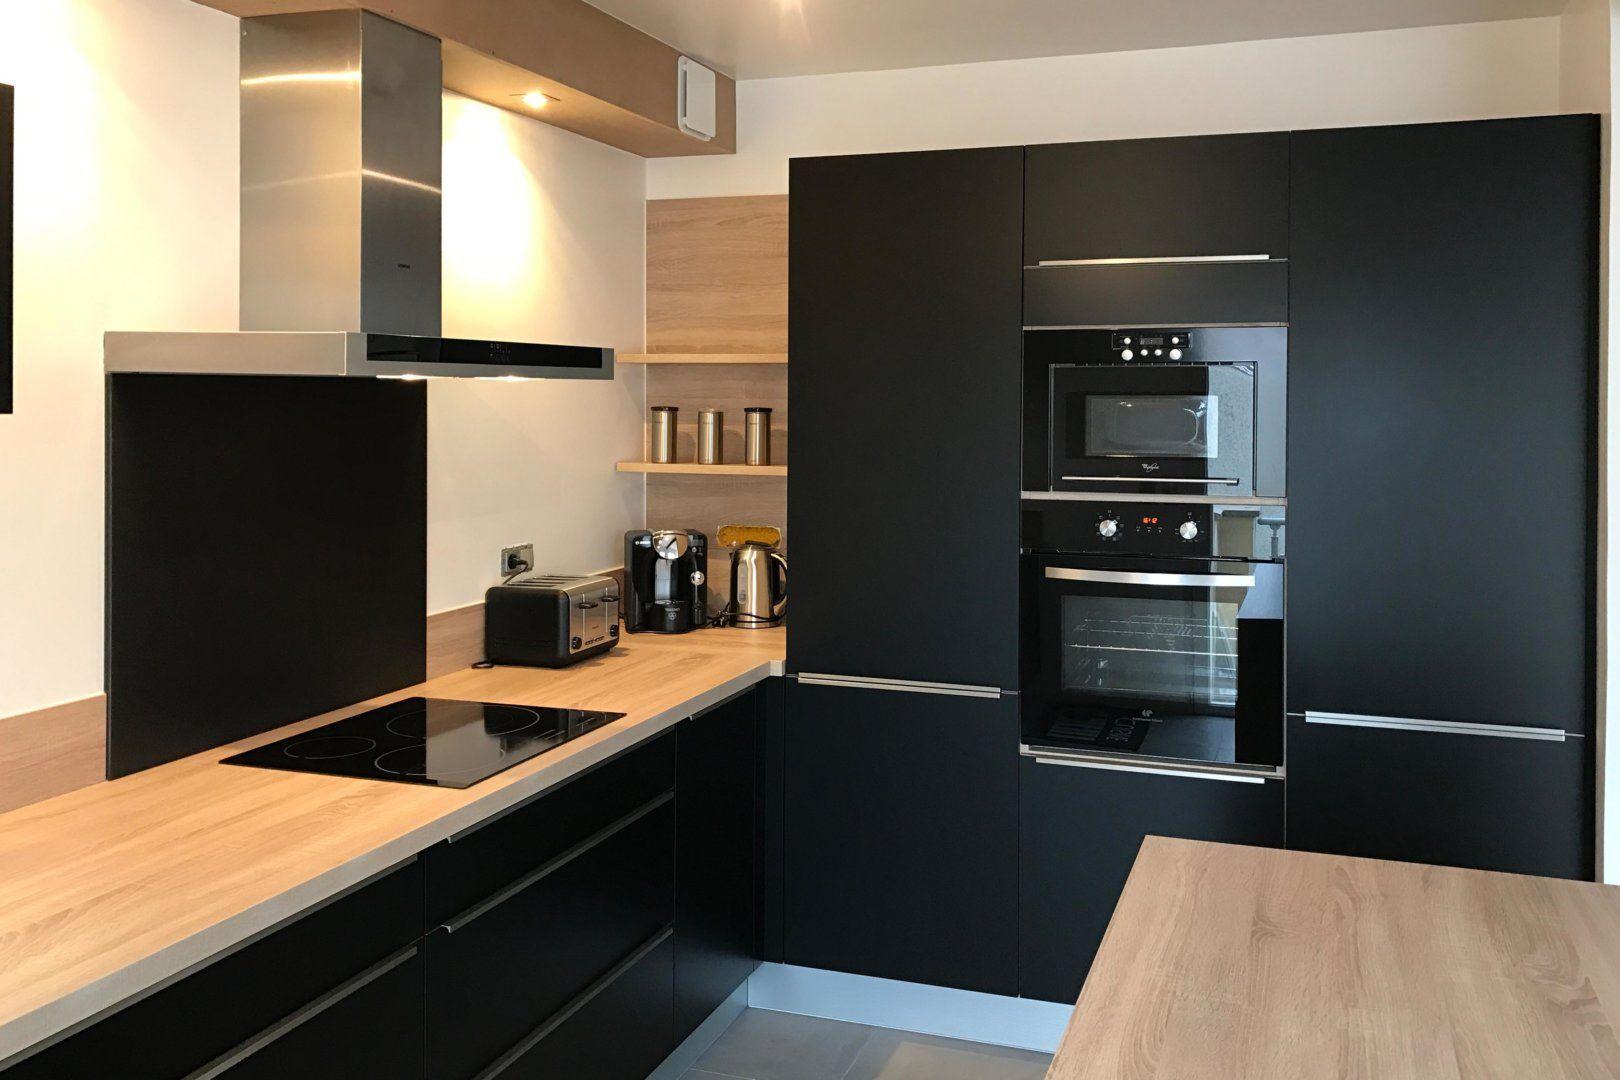 Pin Von Ilo Be Auf Interior Design In 2020 Innenarchitektur Kuche Moderne Kuchendesigns Und Kuchen Design Ideen